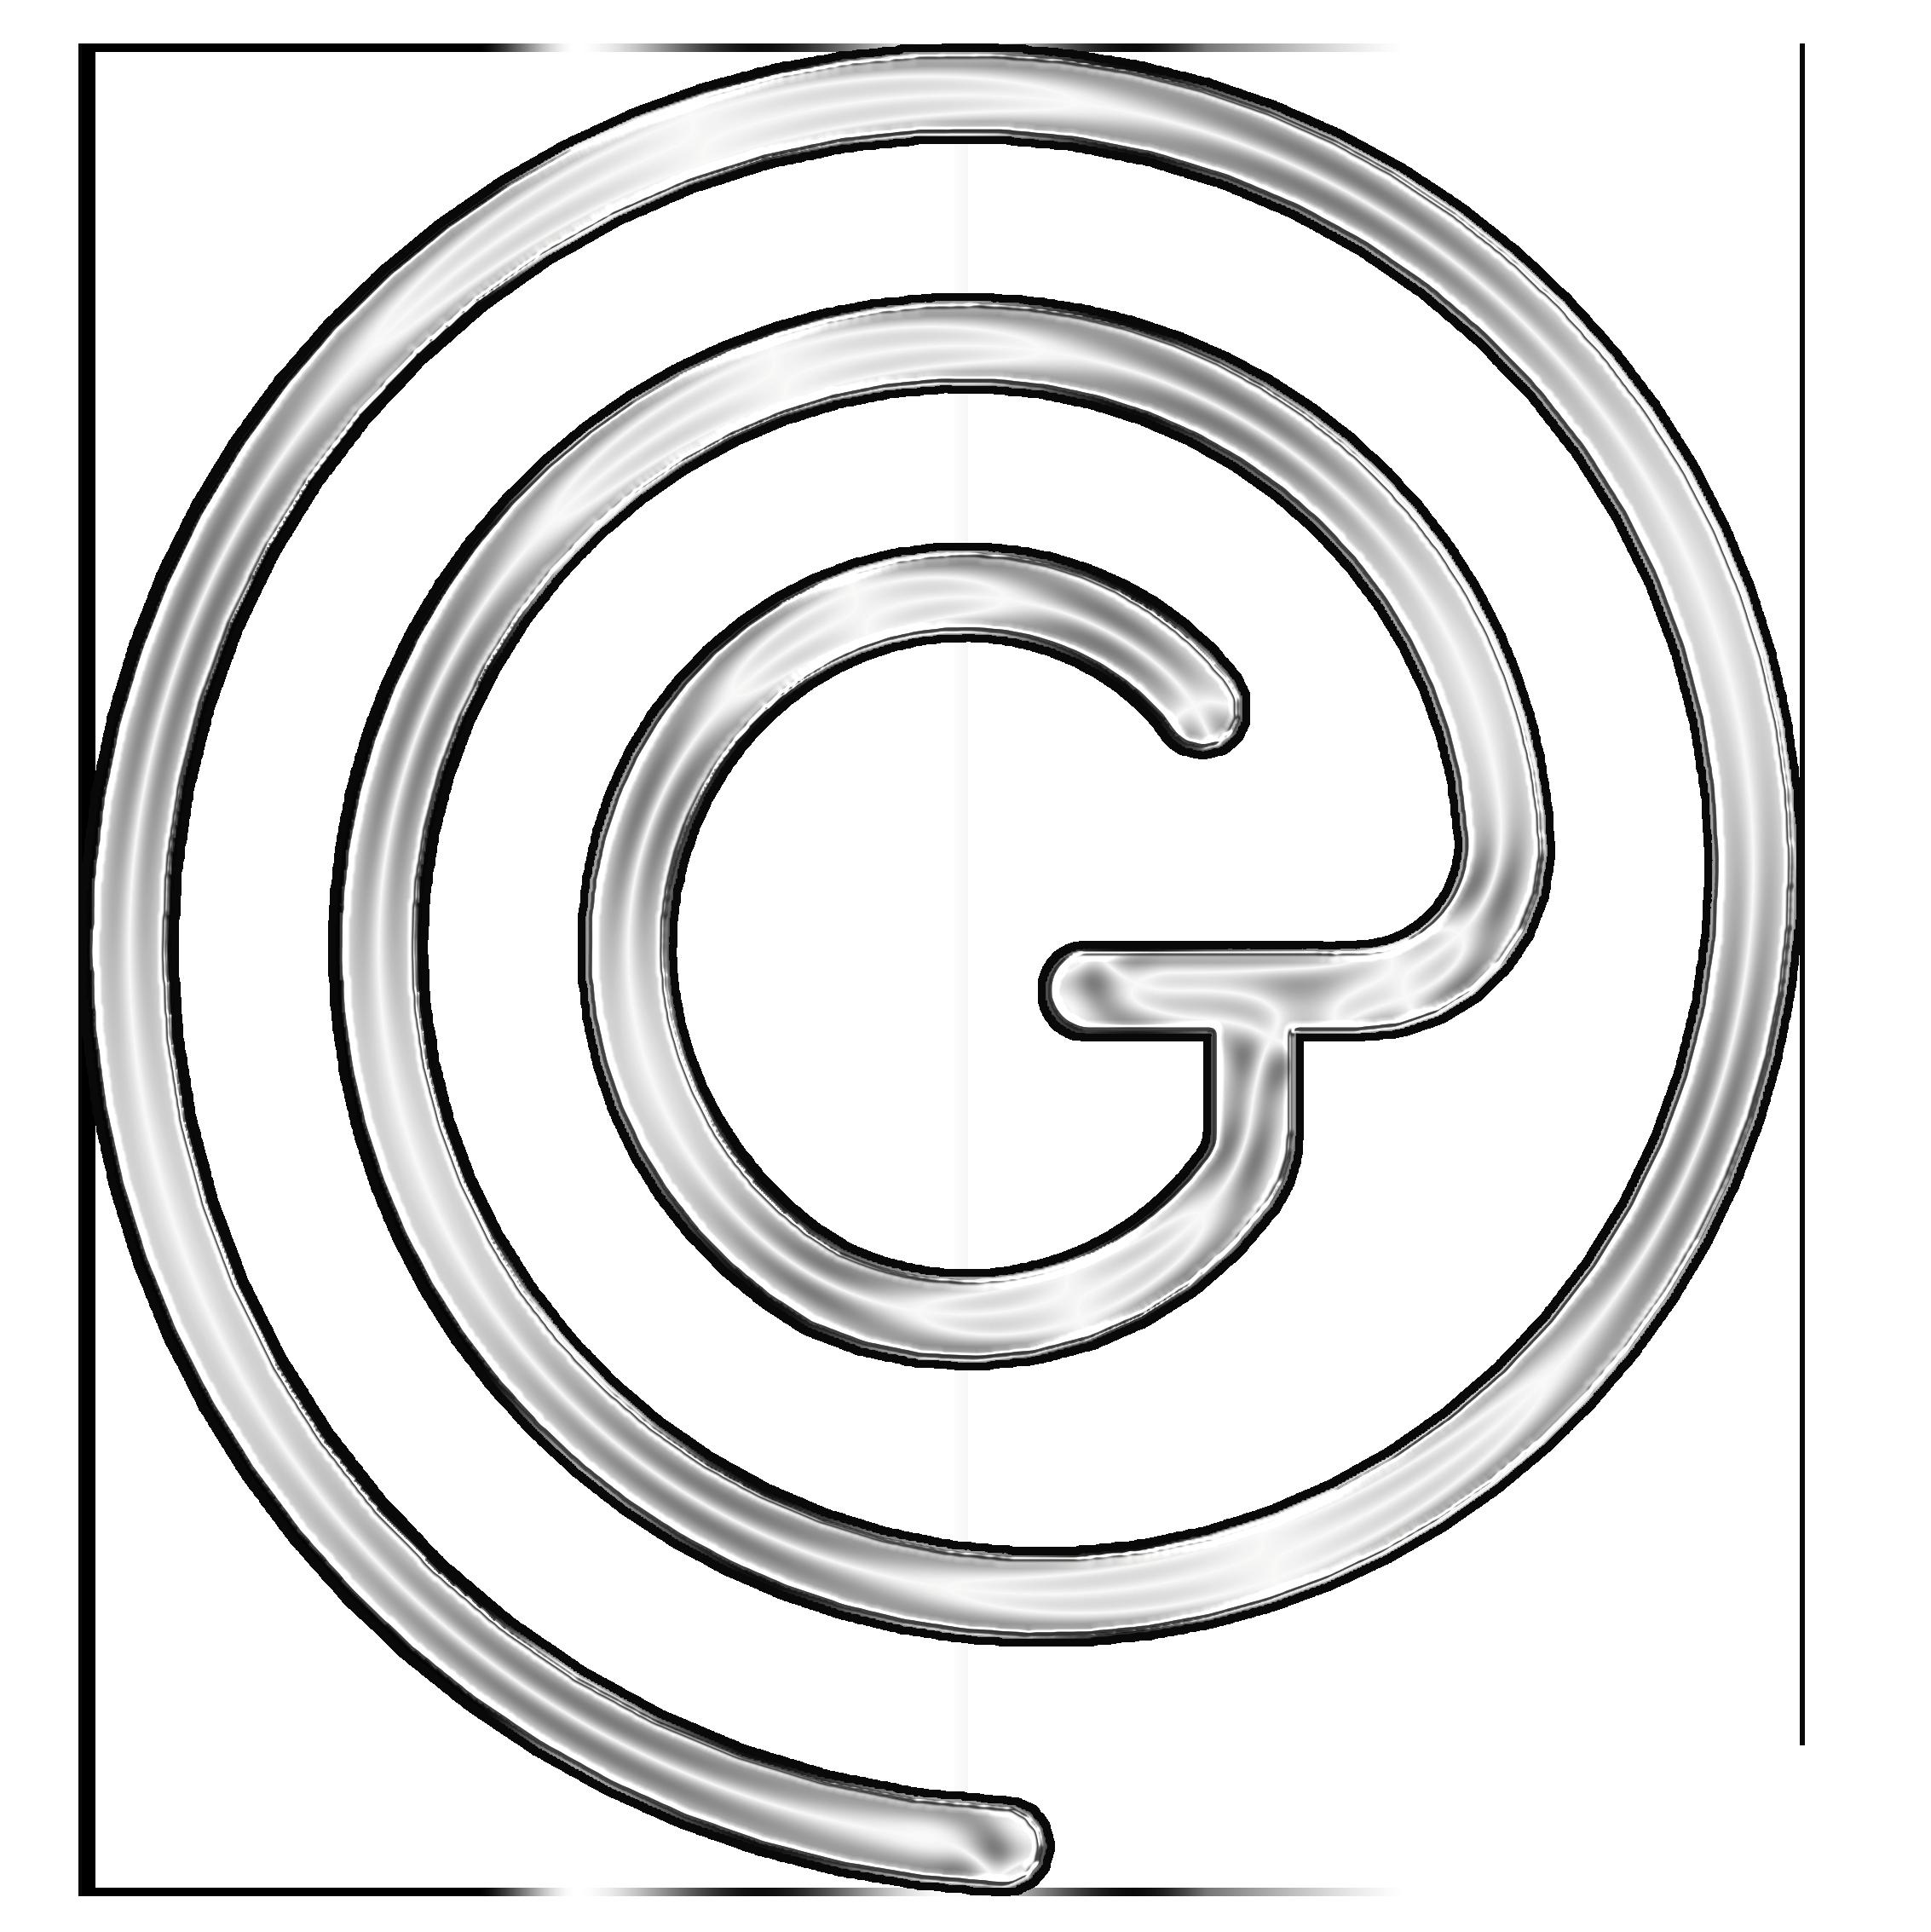 Grillmenu